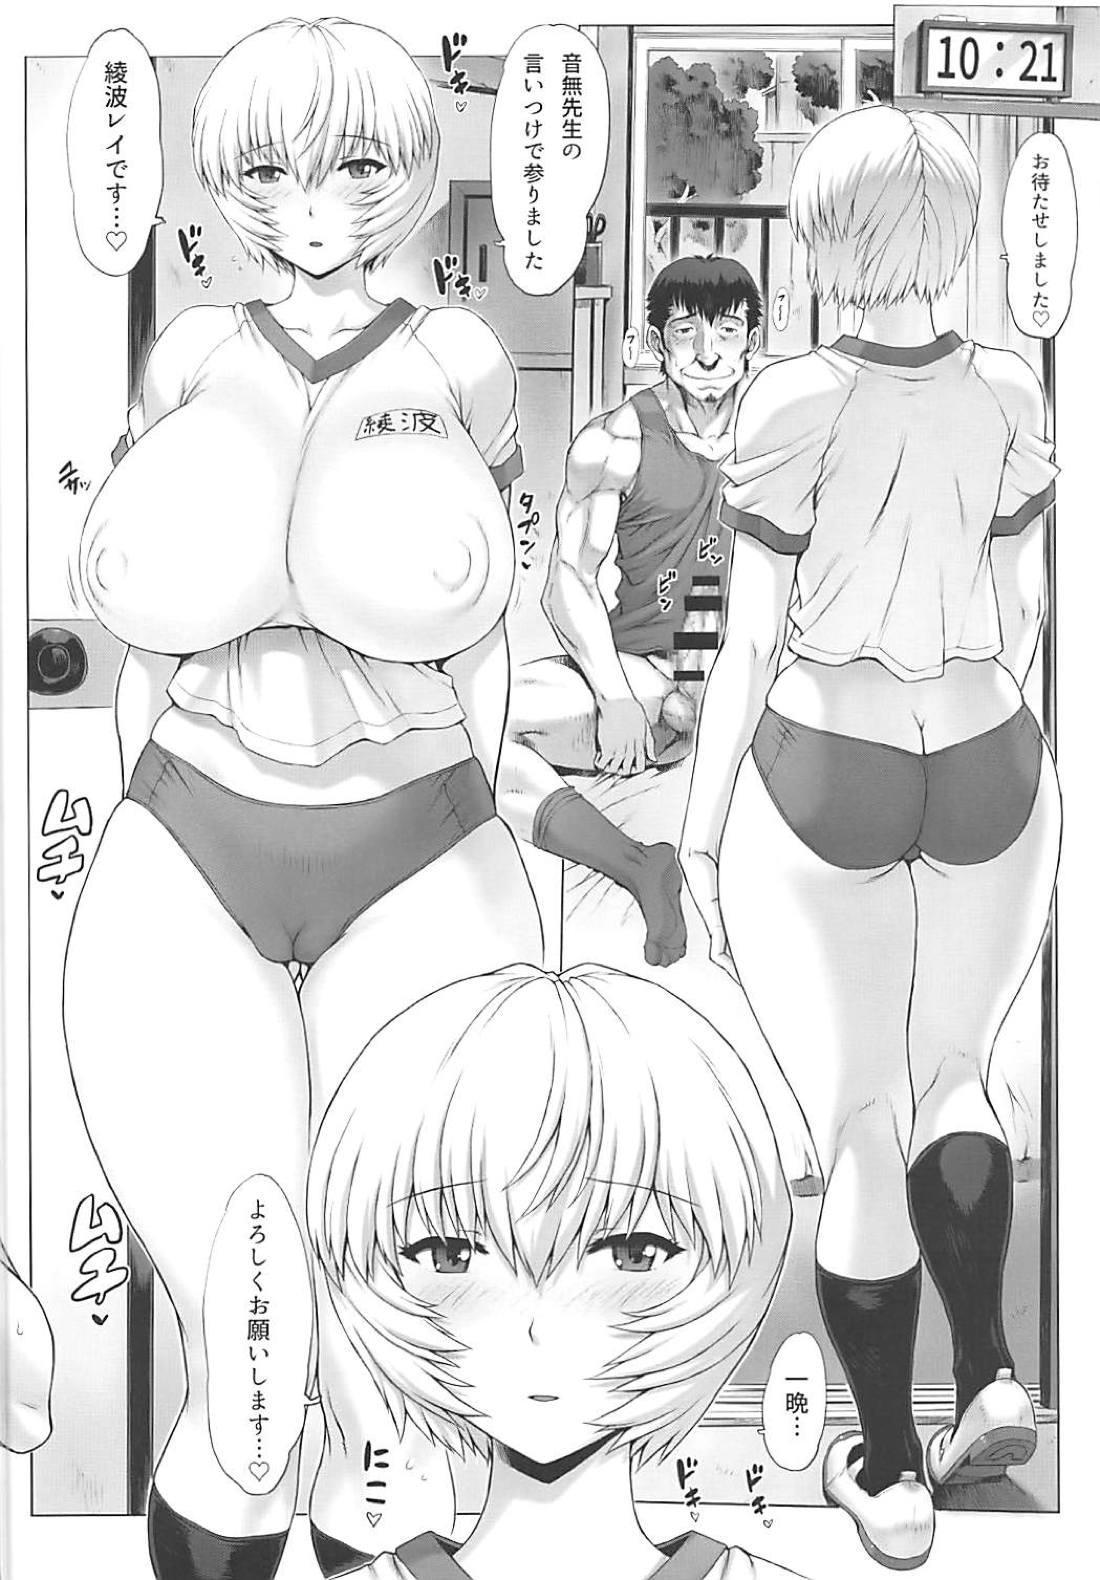 Ayanami Dai 9-kai Ayanami Nikki 10